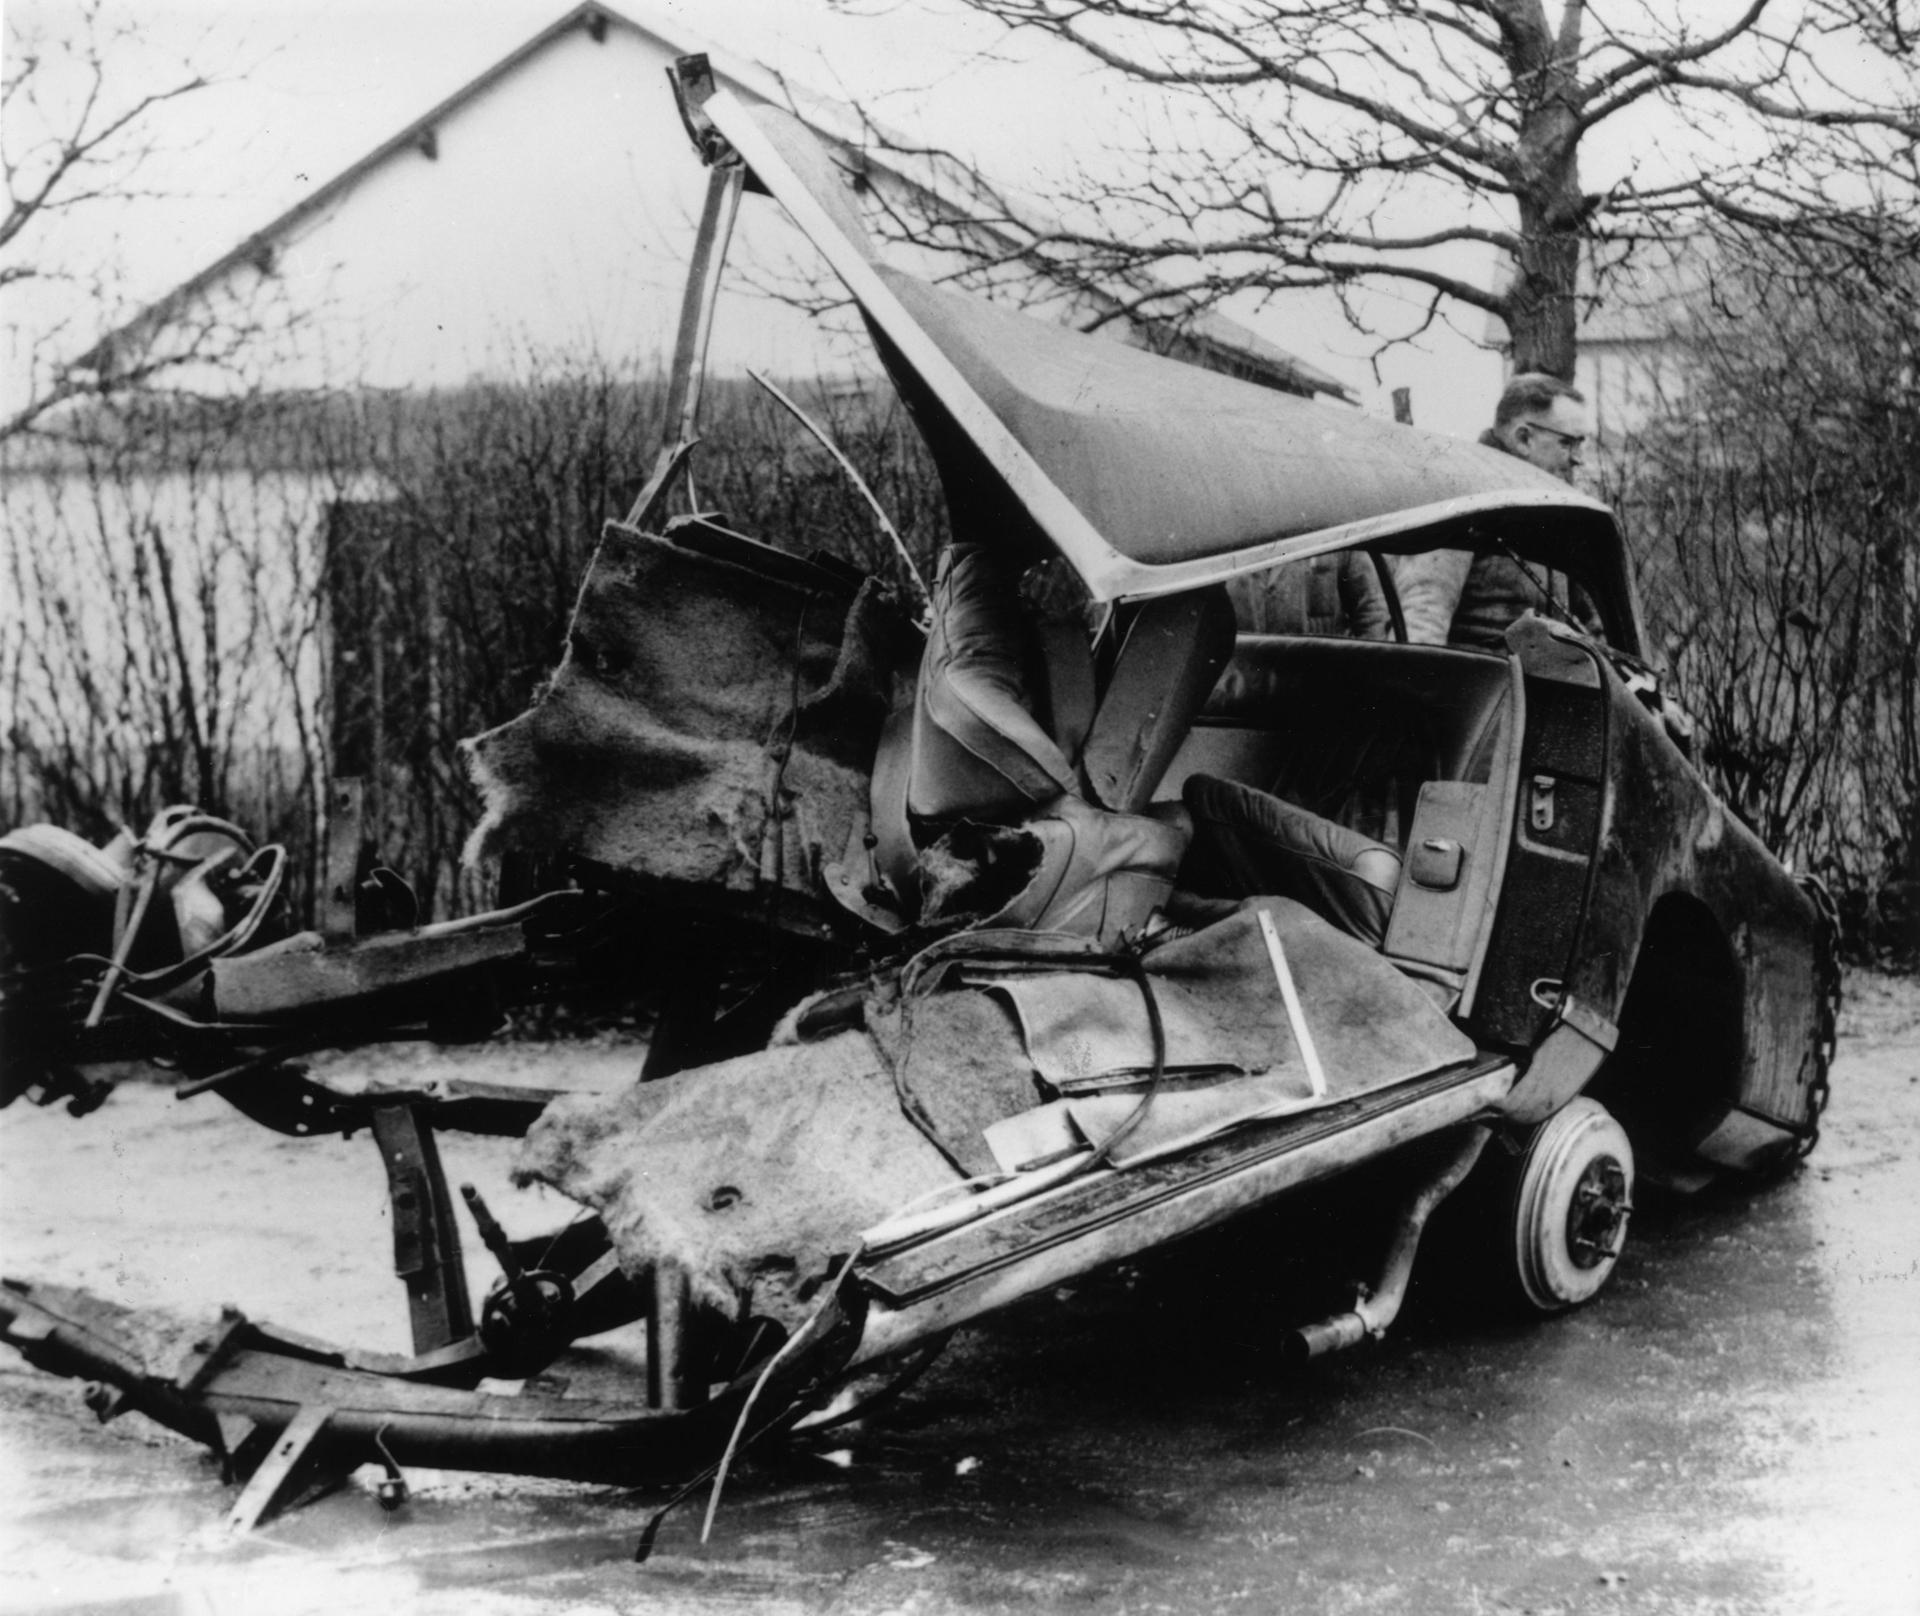 El auto donde viajaba Camus, tras fatal el accidente (Getty Images)